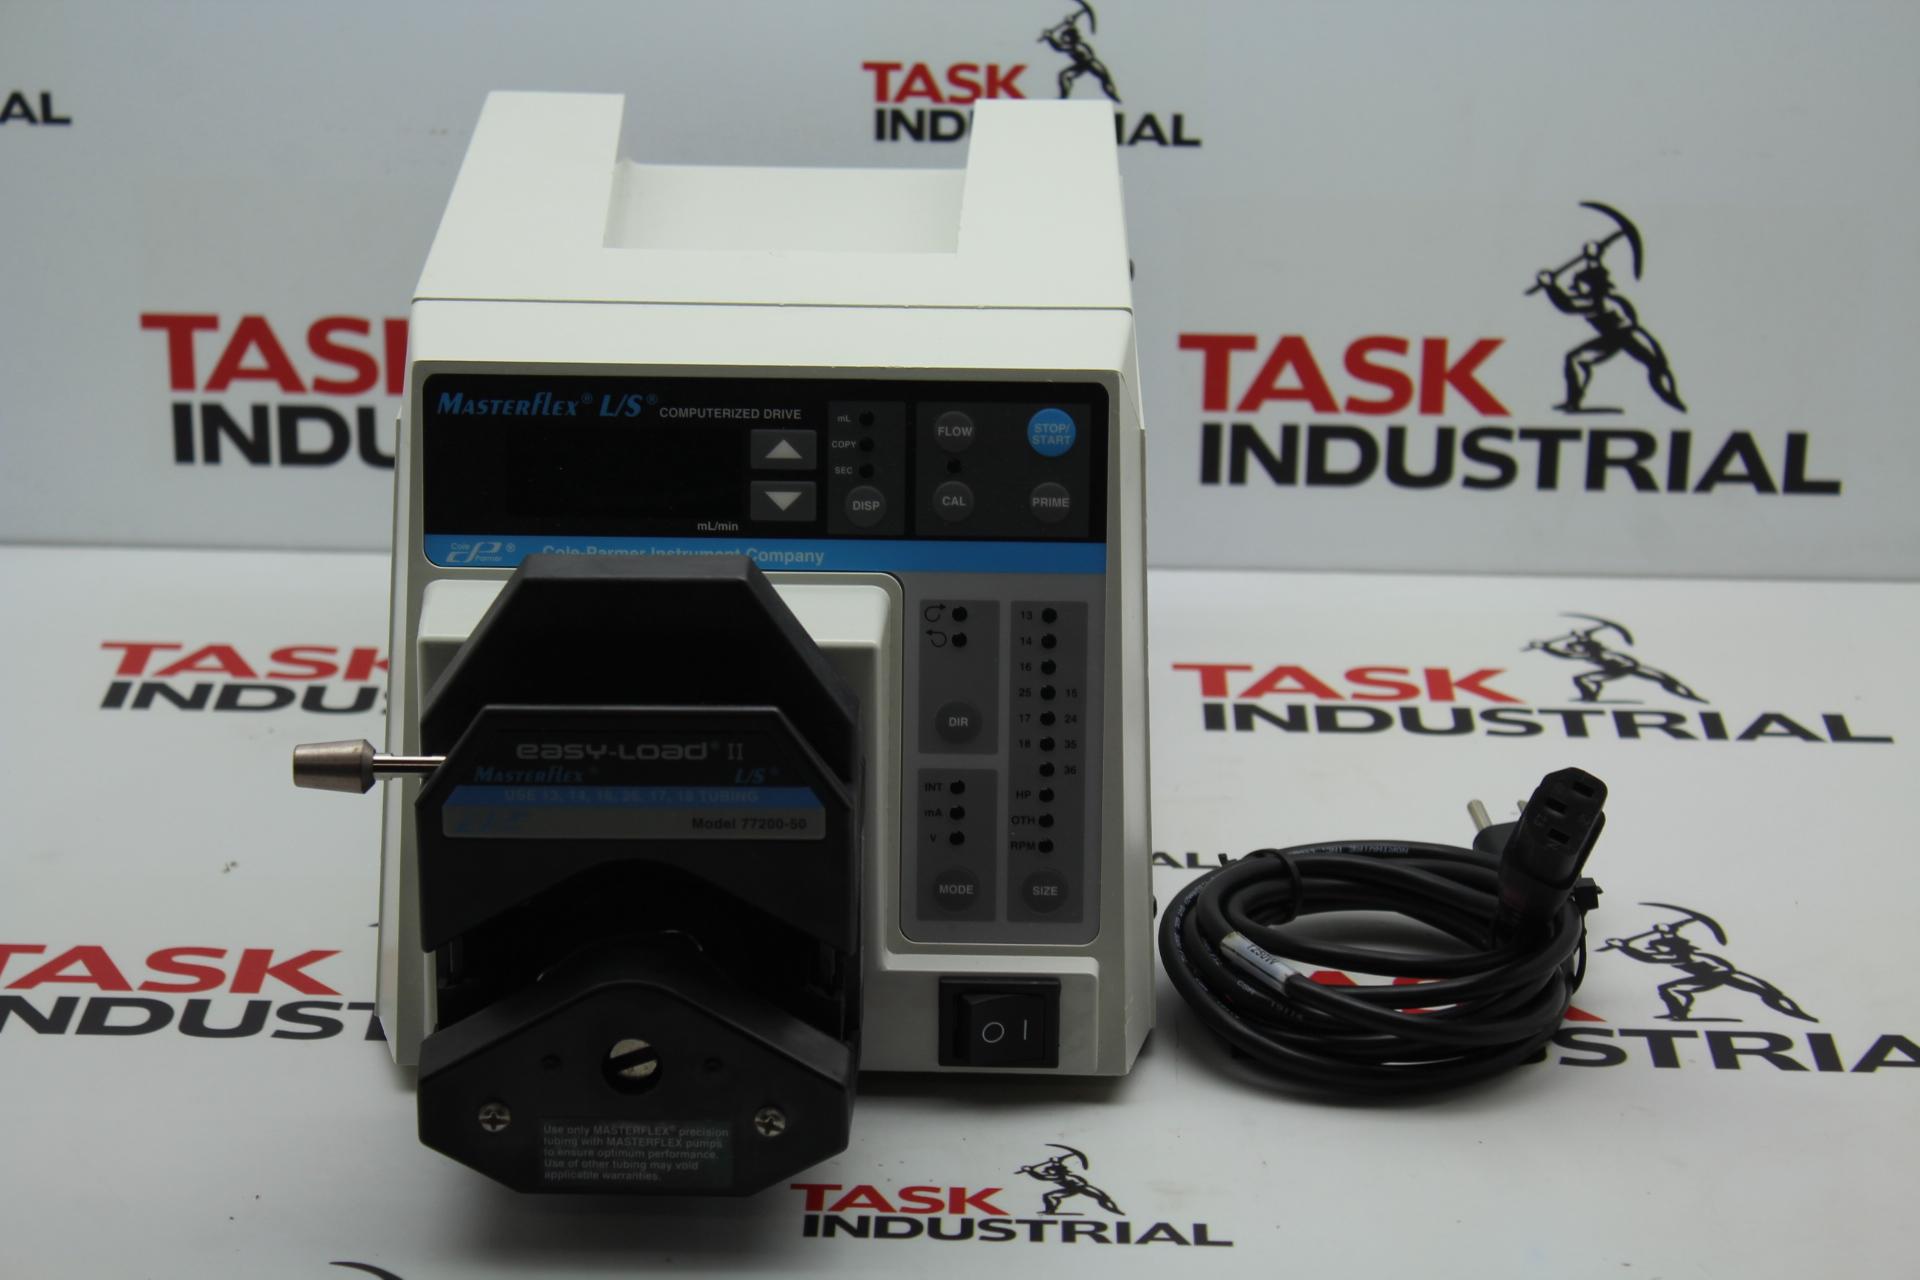 MasterFlex easy-load II Model 77200-50